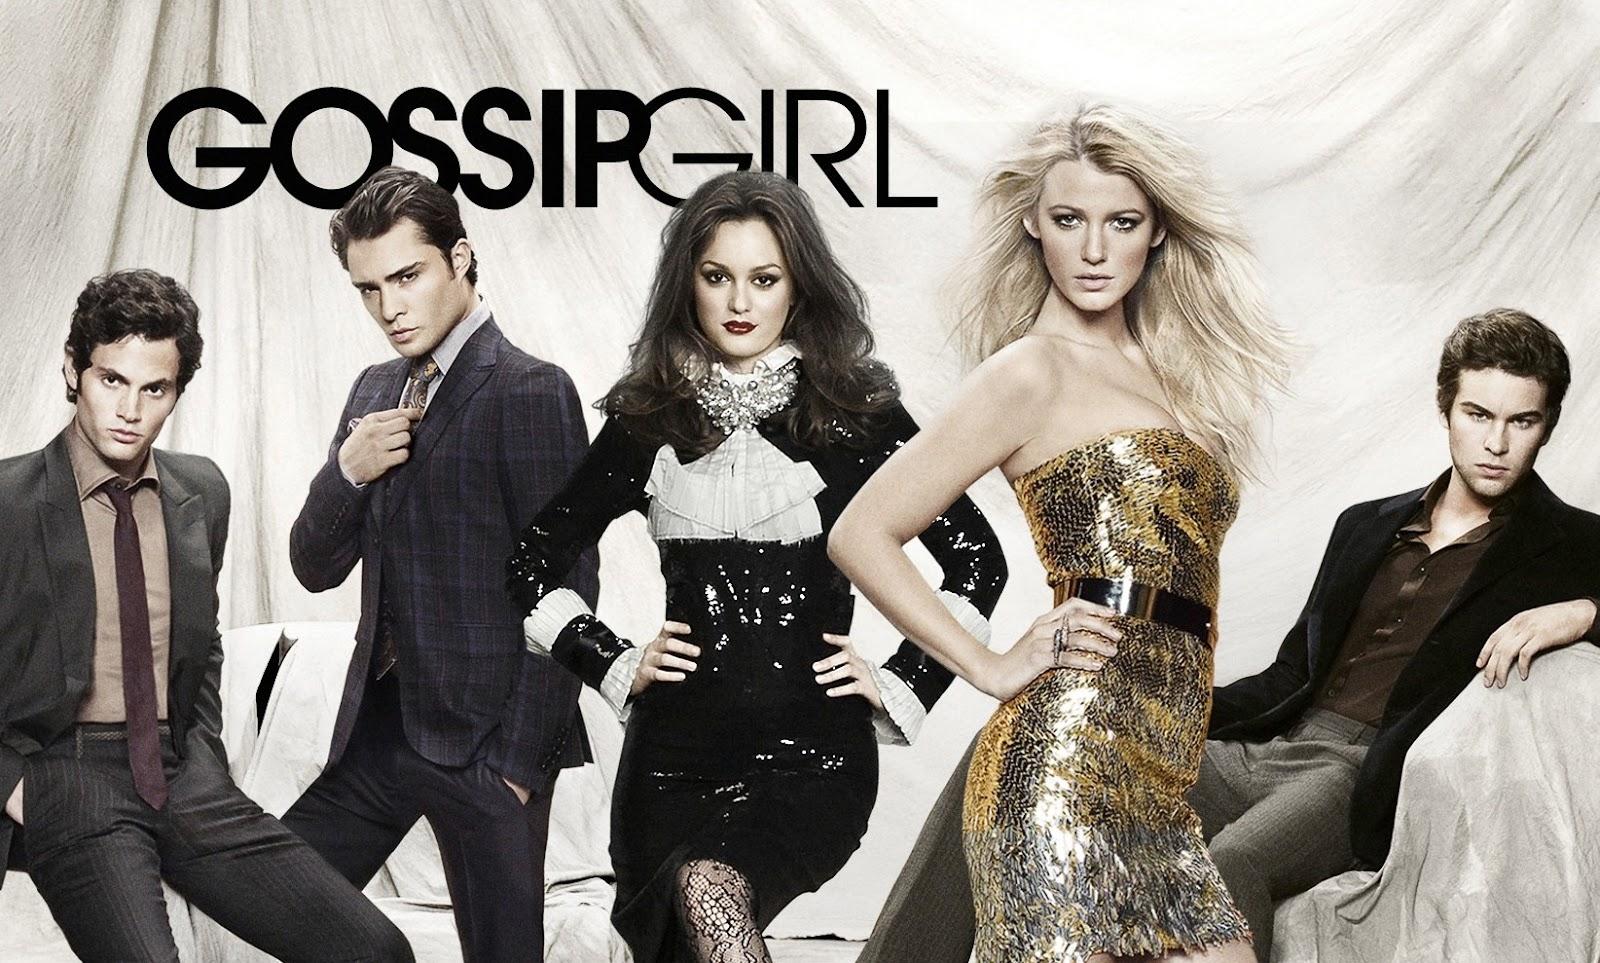 Er noen av Gossip Girl cast dating i det virkelige liv